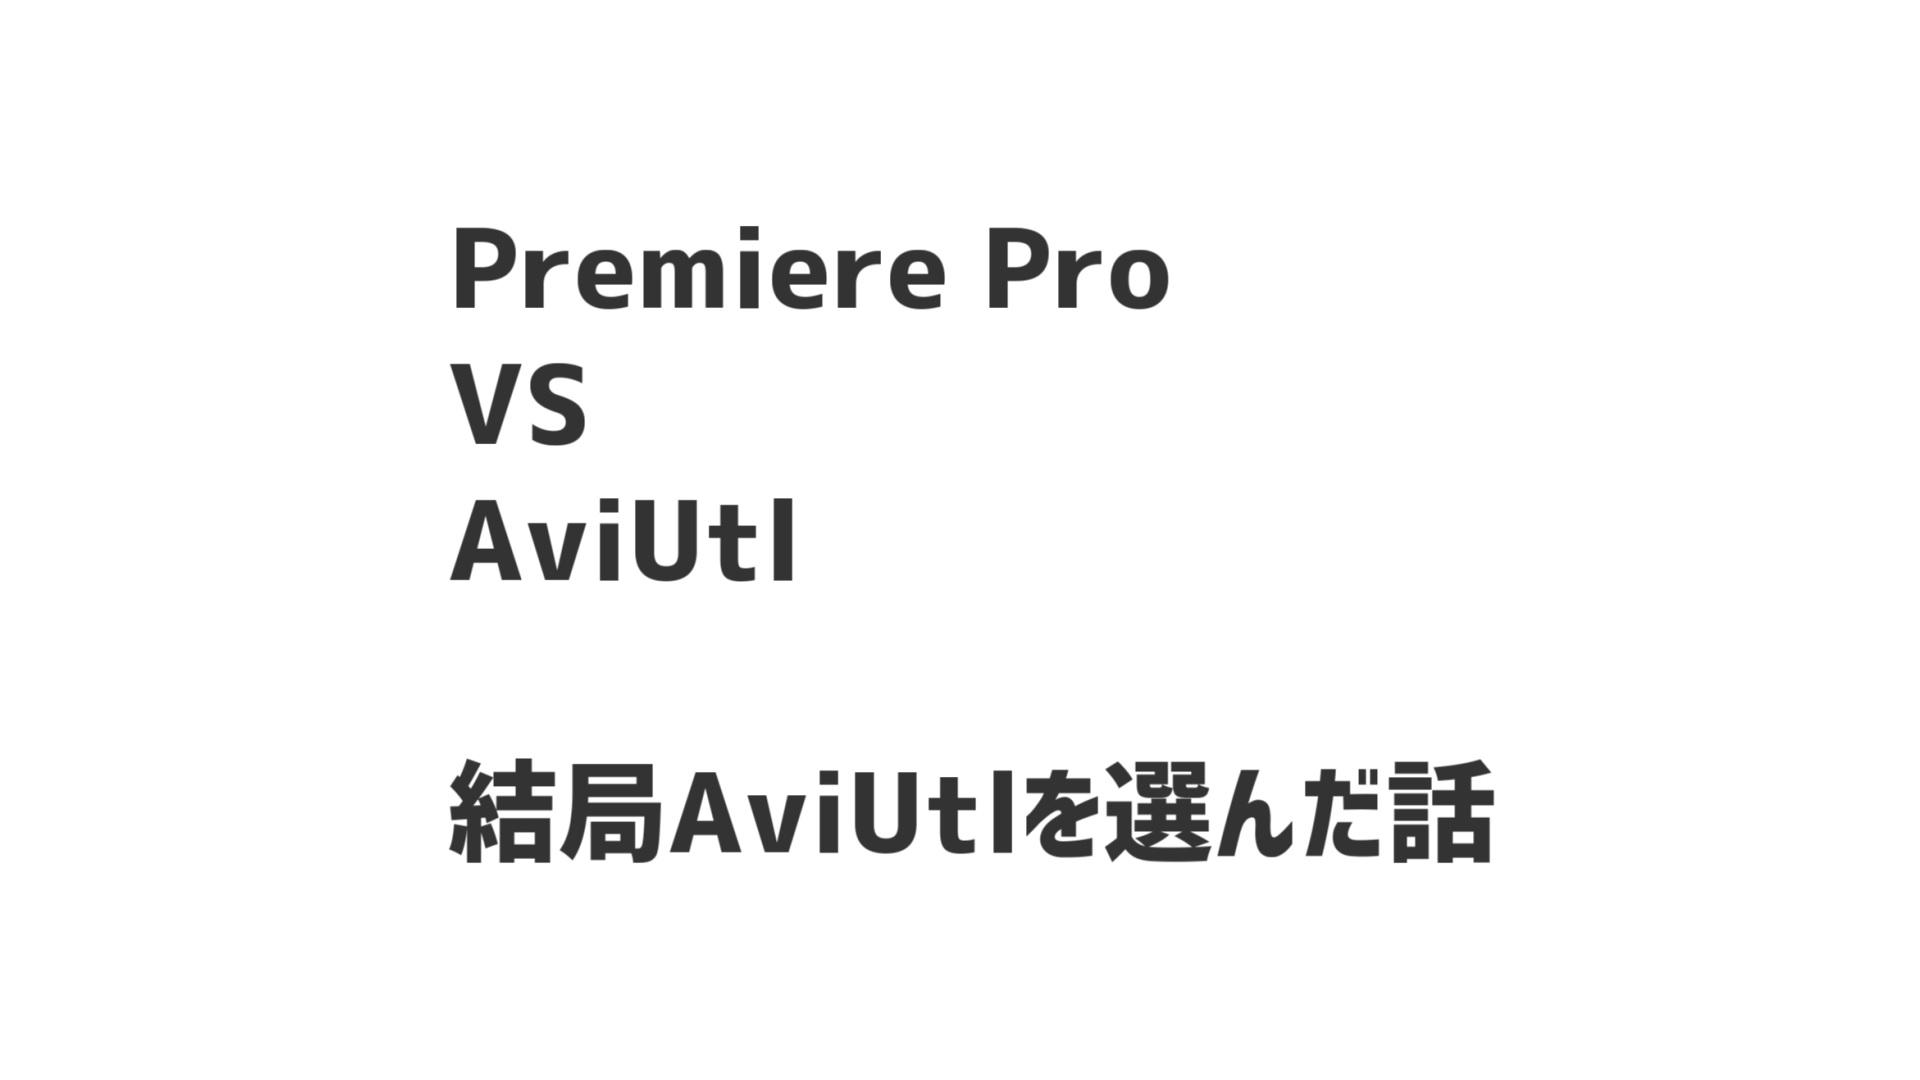 Adobe premiere proを使ってみた結果、AviUtlを使い続けることを決意した話